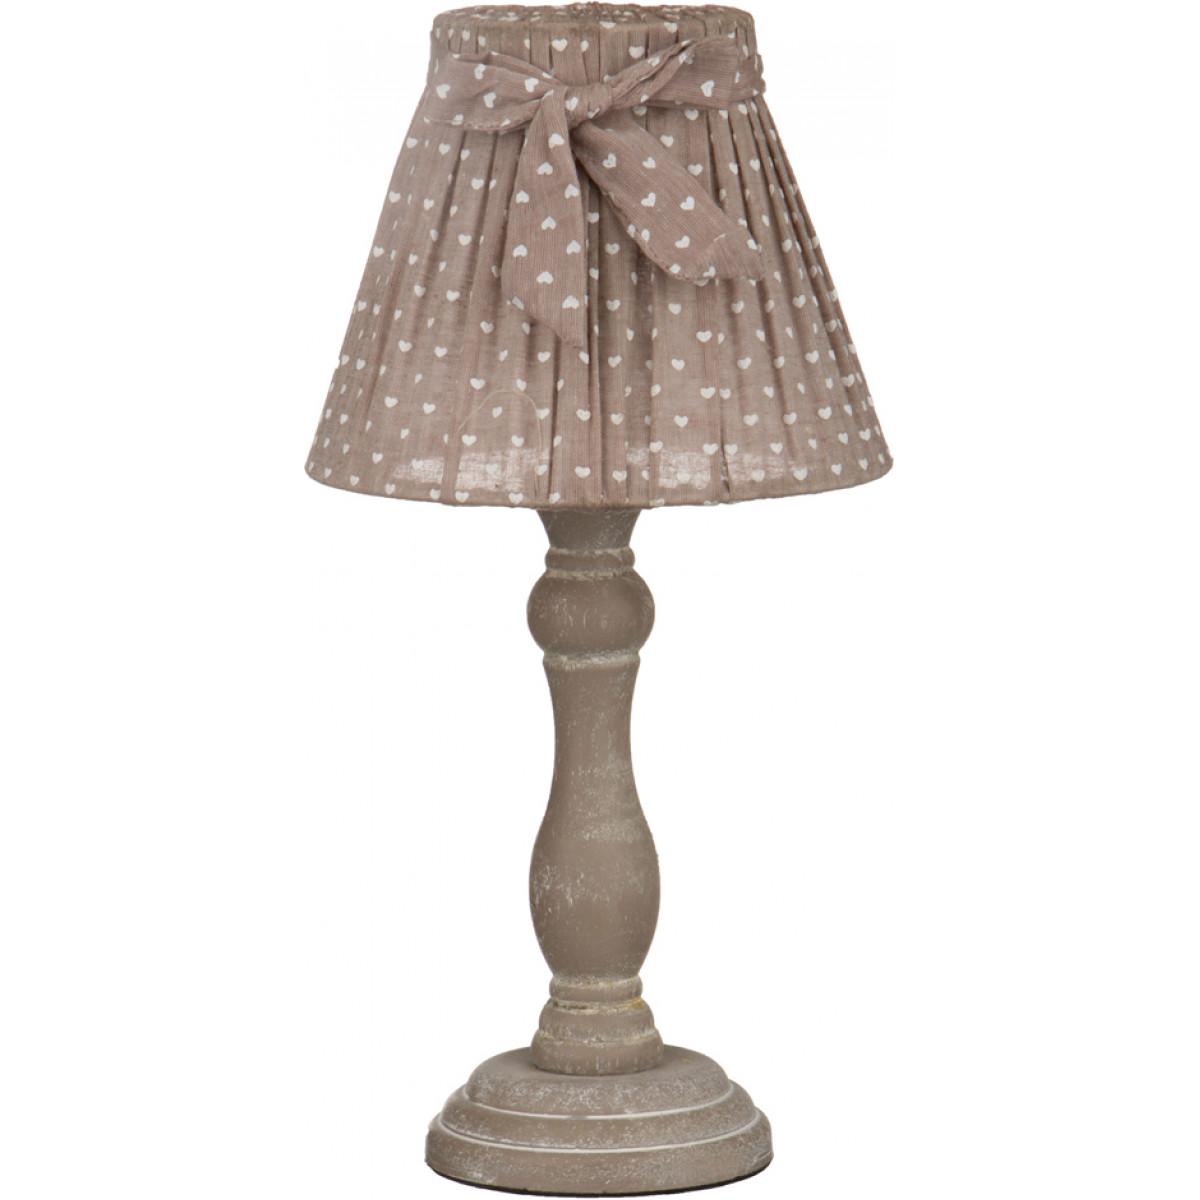 Настольные лампы Lefard Светильник настольный Indiana (17х17х34 см) lefard сувенир indiana 15 см